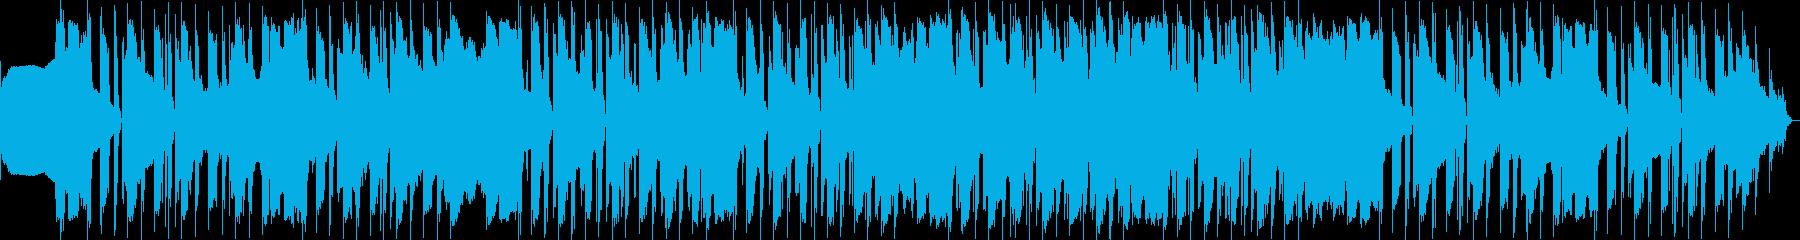 トラップ ヒップホップ レゲトン ...の再生済みの波形